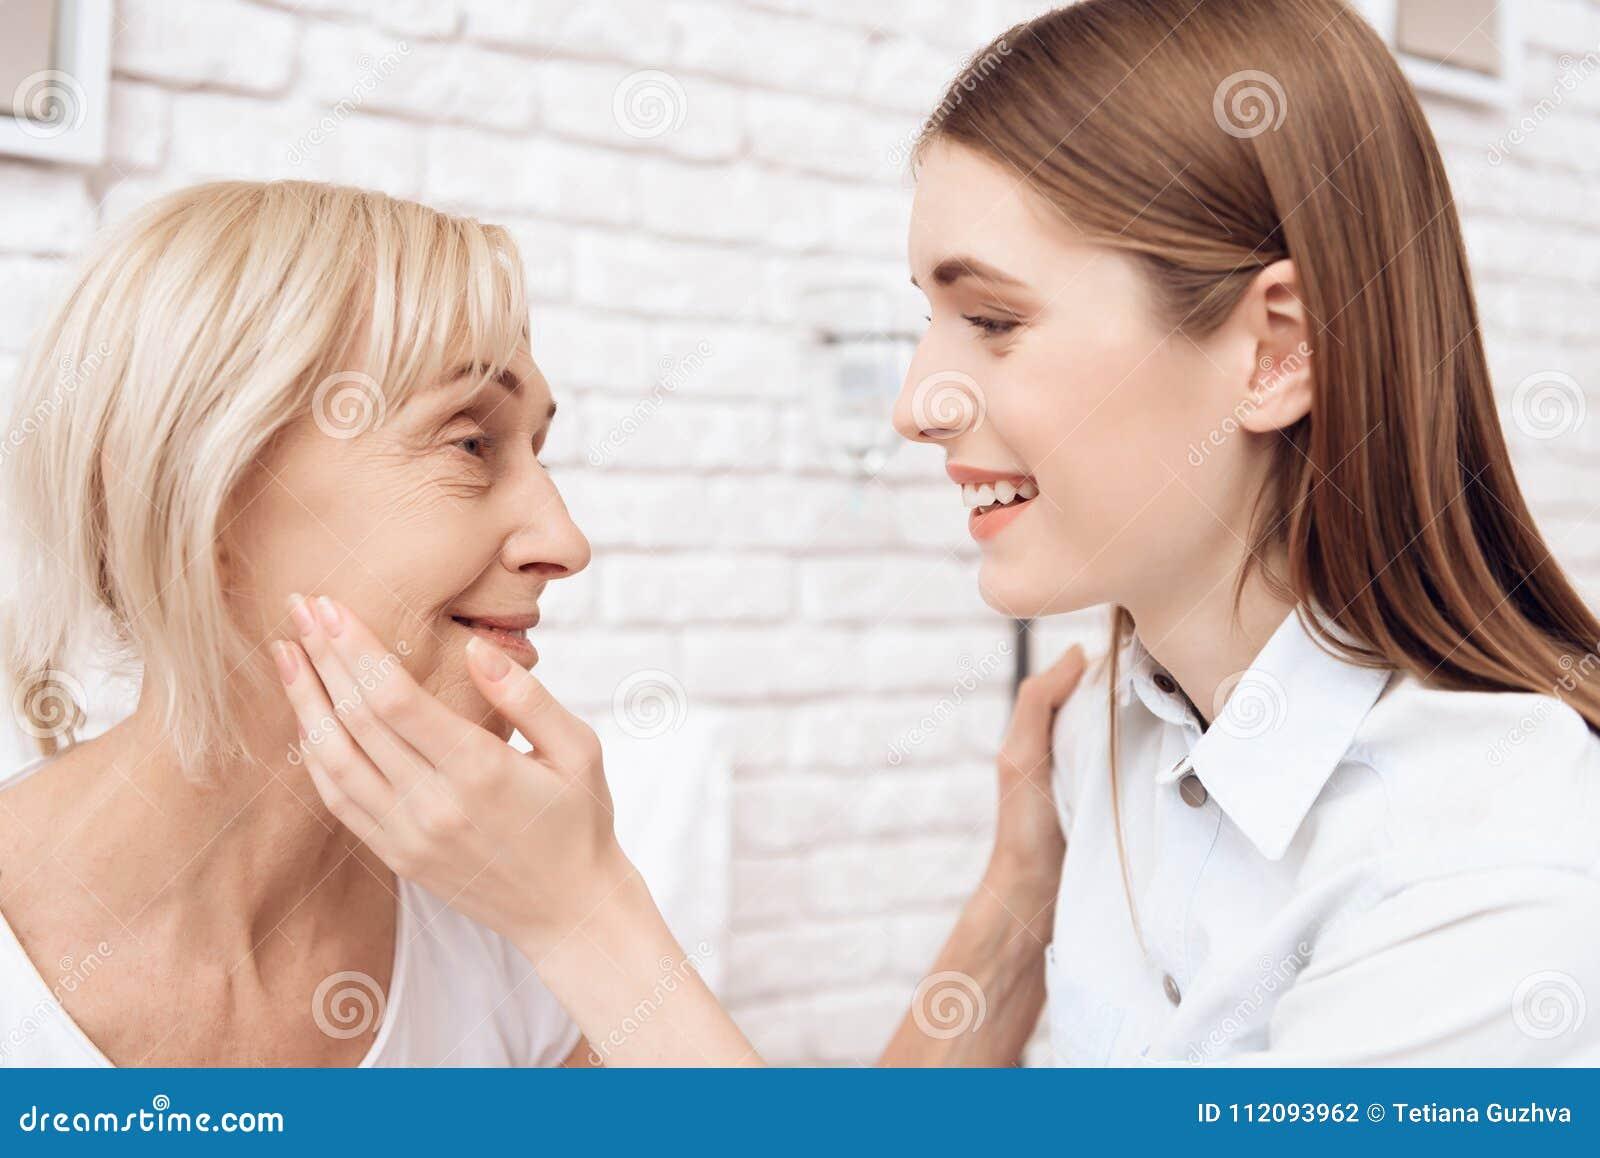 La fille soigne la femme agée à la maison Ils semblent heureux